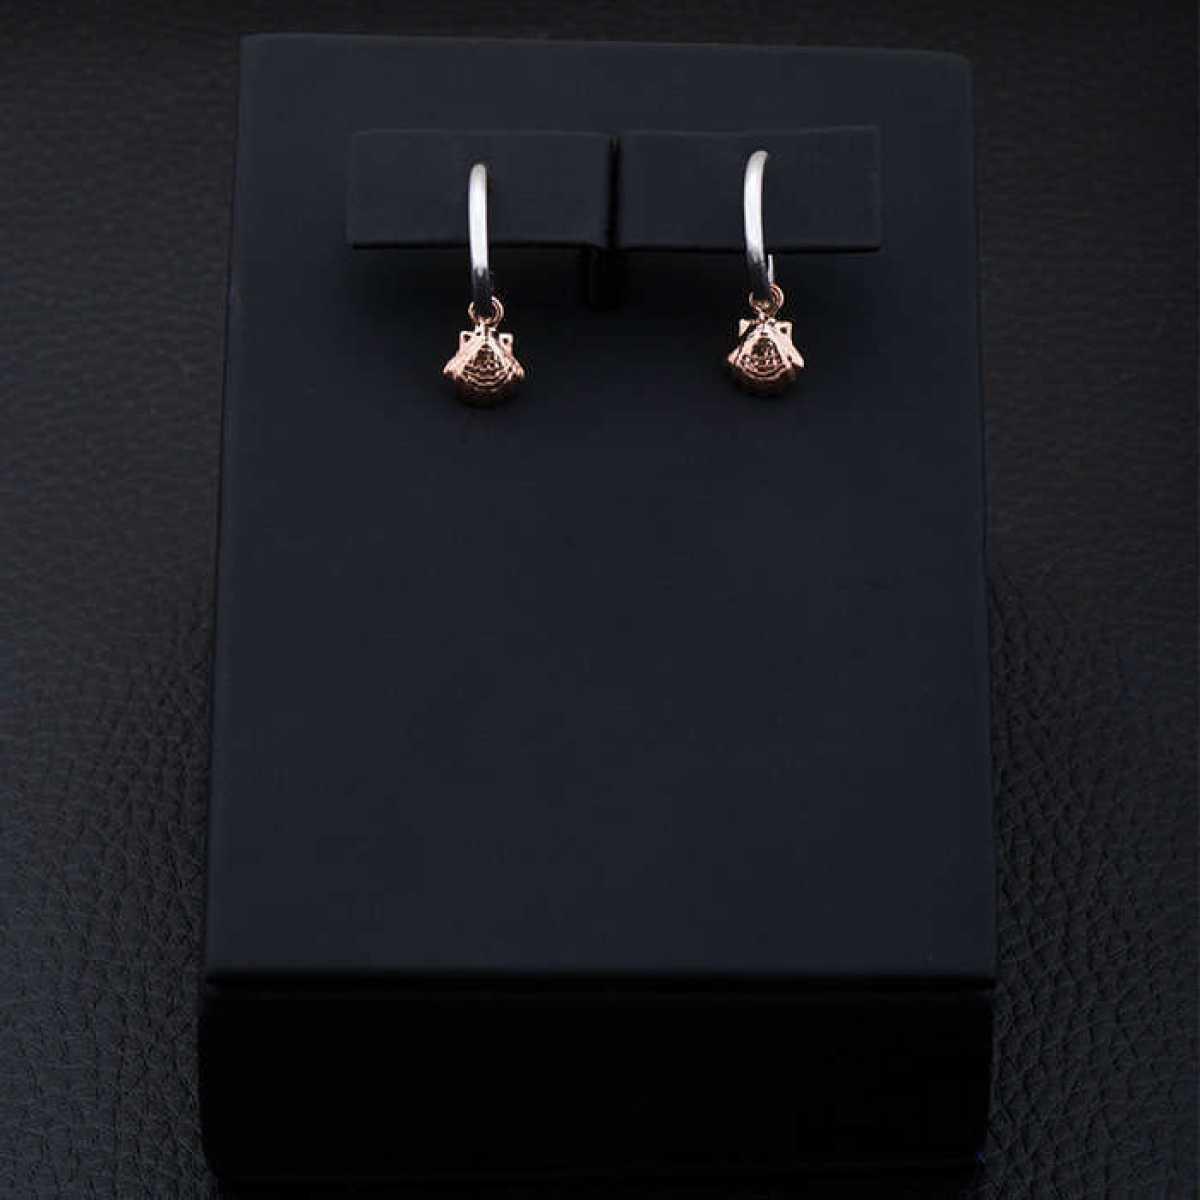 Silver Bali Style Earring